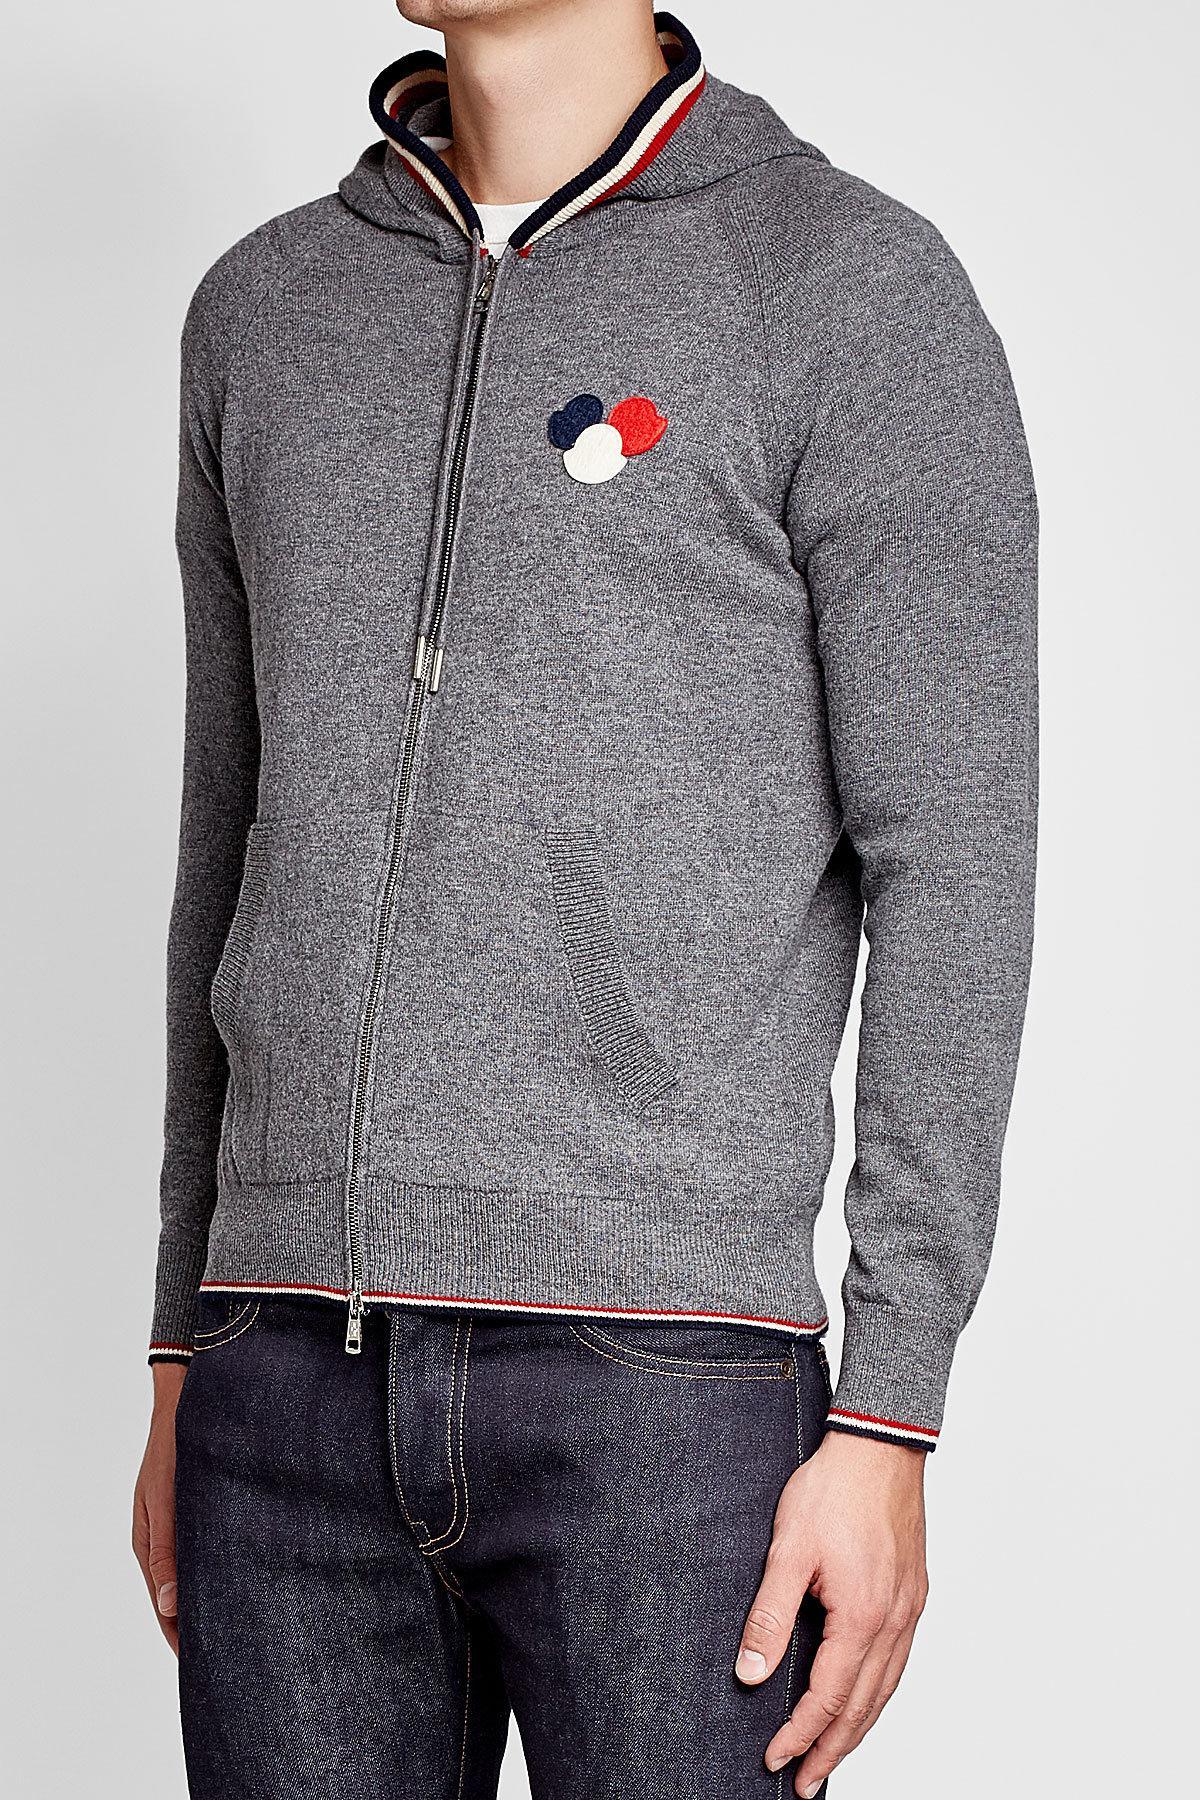 Moncler - Gray Sweat zippé à capuche en laine vierge for Men - Lyst.  Afficher en plein écran 20b19099907